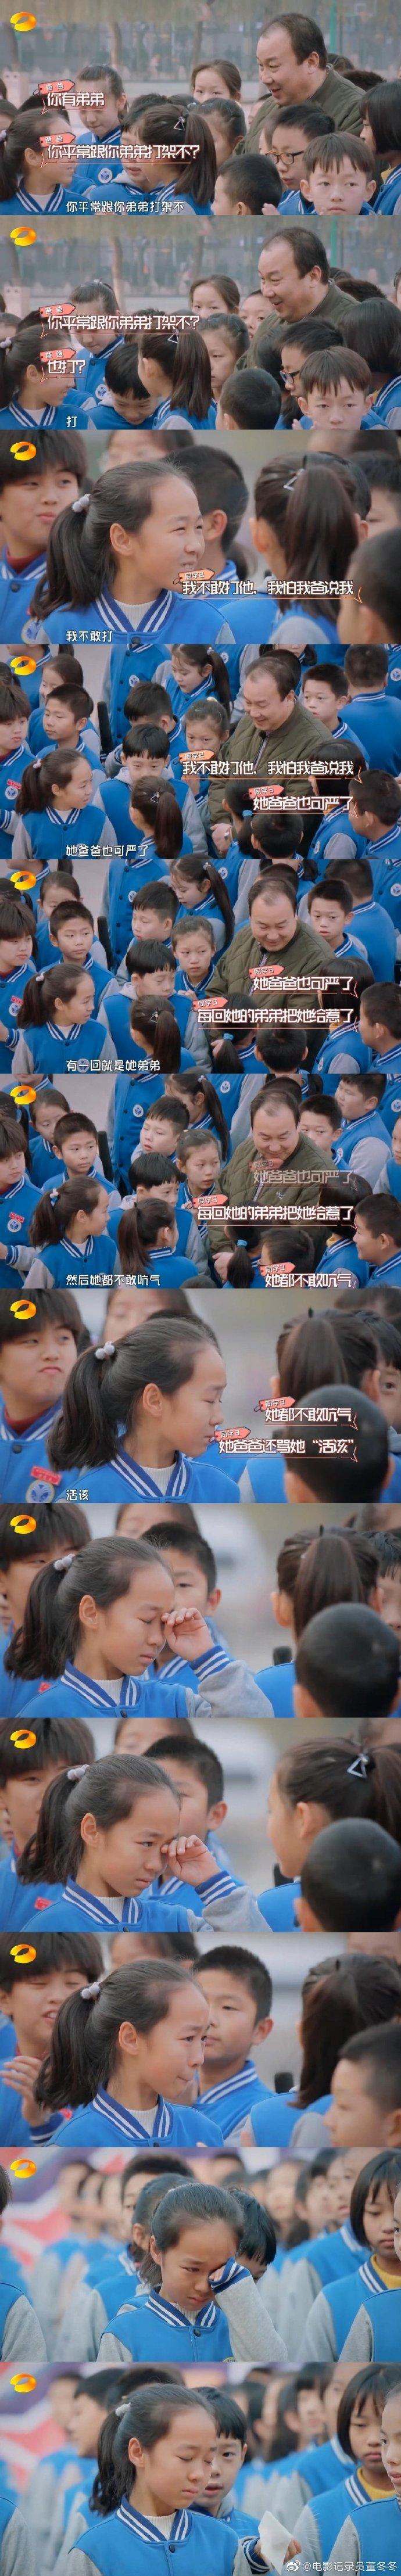 中国式家庭教育